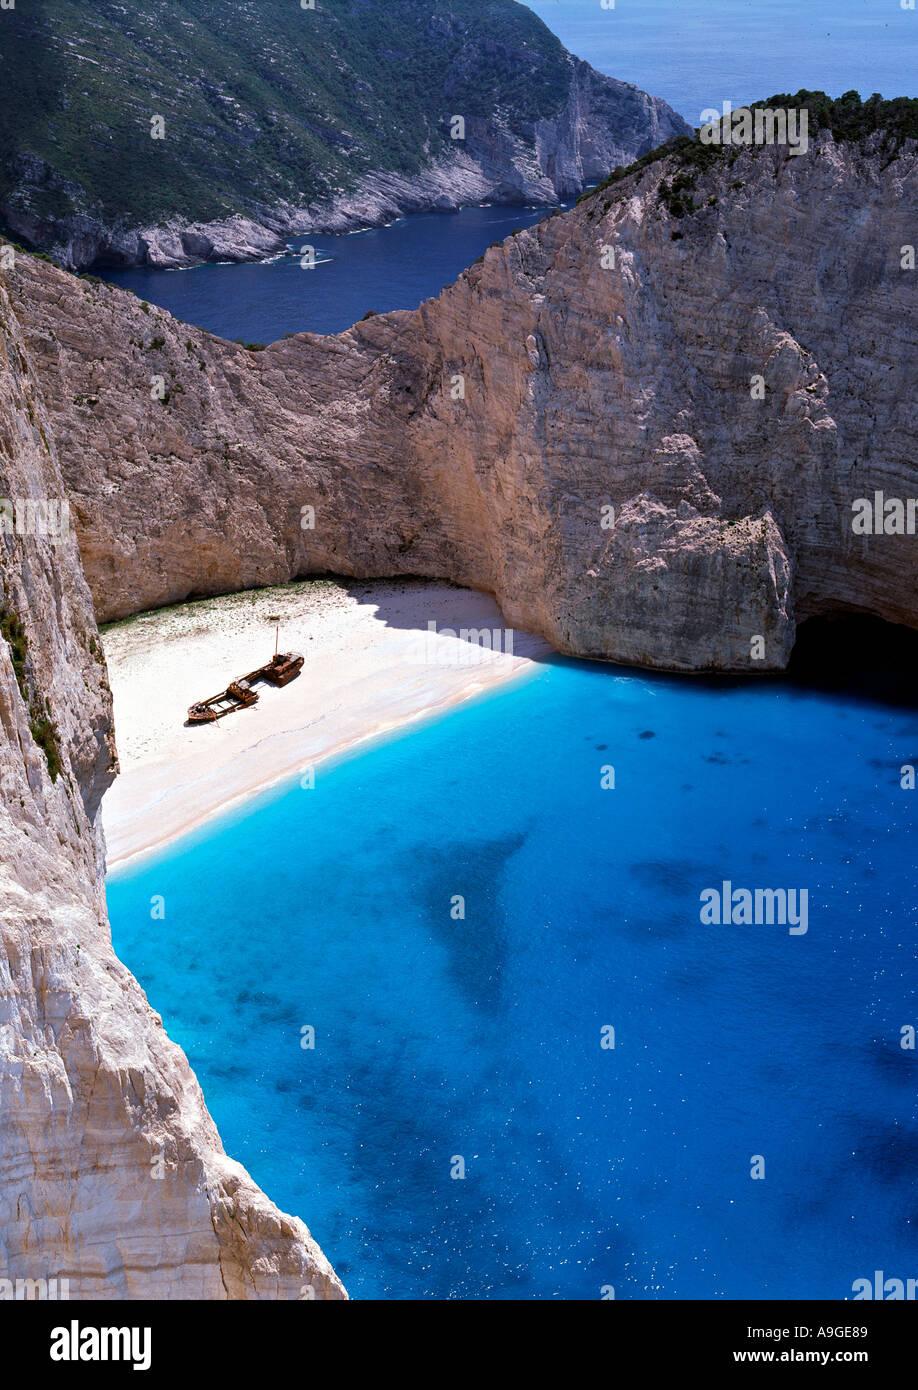 Navagio, Zante (Zakynthos), Ionian Islands, Greece - Stock Image